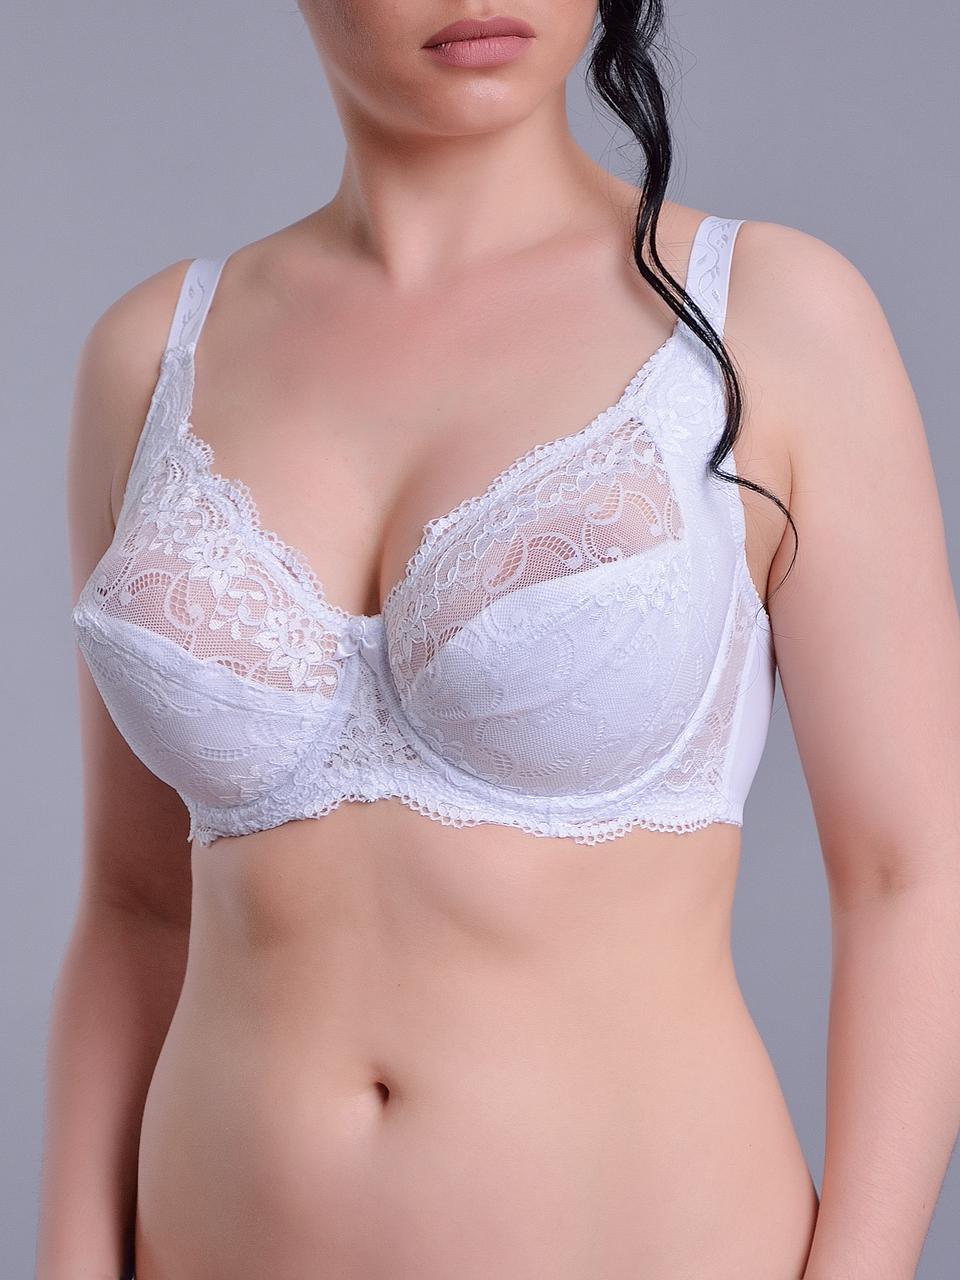 Бюстгальтер Diorella 62175E, цвет Белый, размер 80E